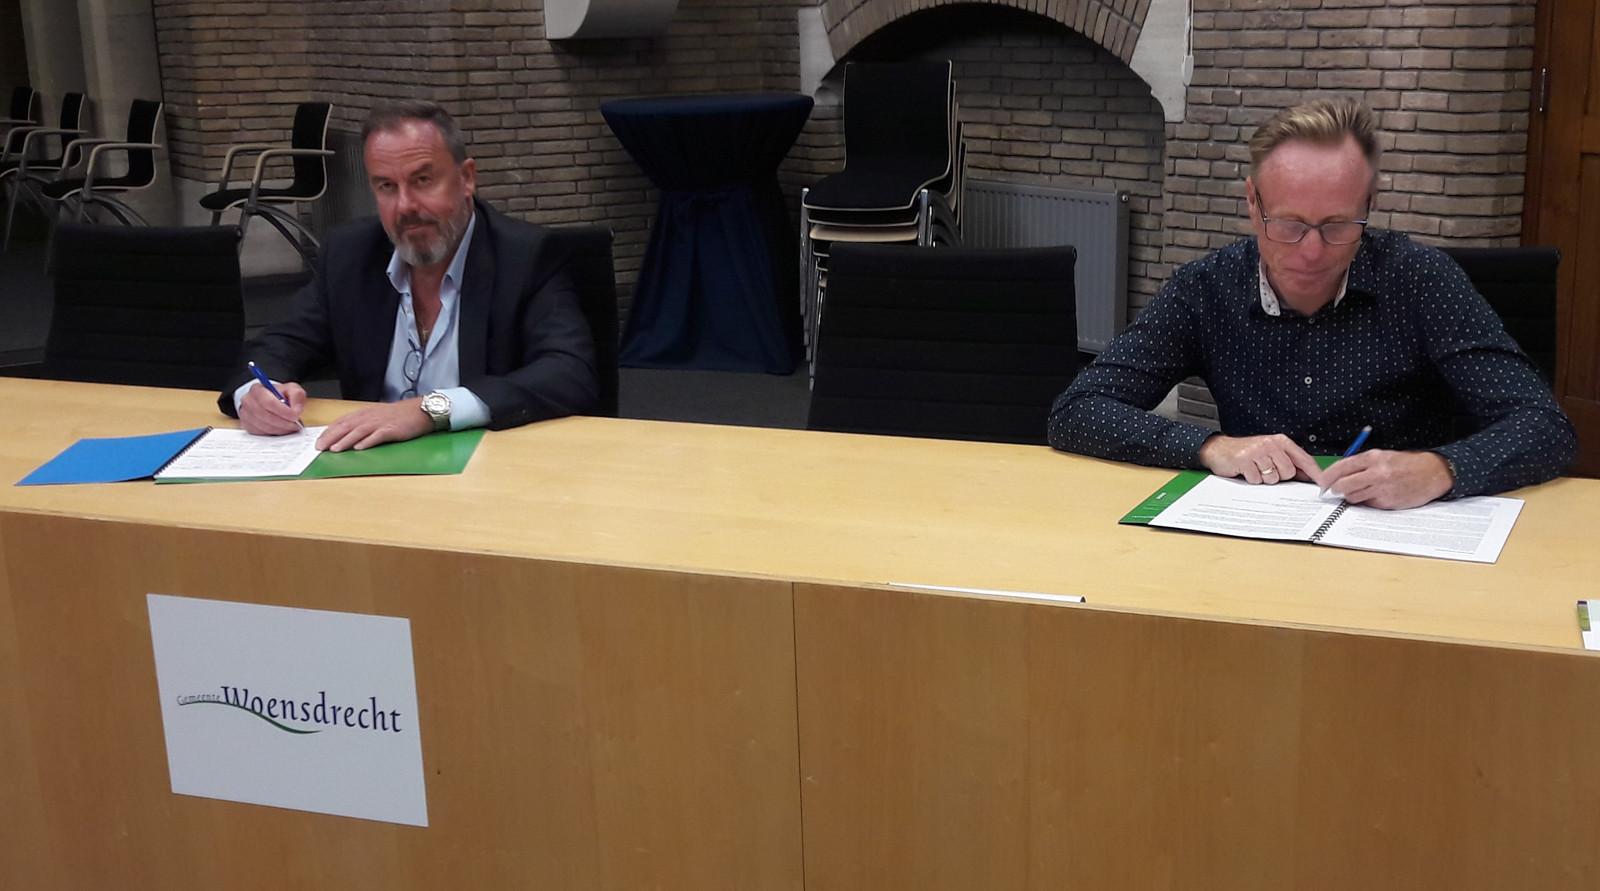 Bestuursvoorzitter Stéphane Cépèro (links) van scholenkoepel Lowys Porquin Stichting ondertekent het onderwijshuisvestingsplan IHP van de gemeente Woensdrecht, naast hem wethouder Lars van der Beek.